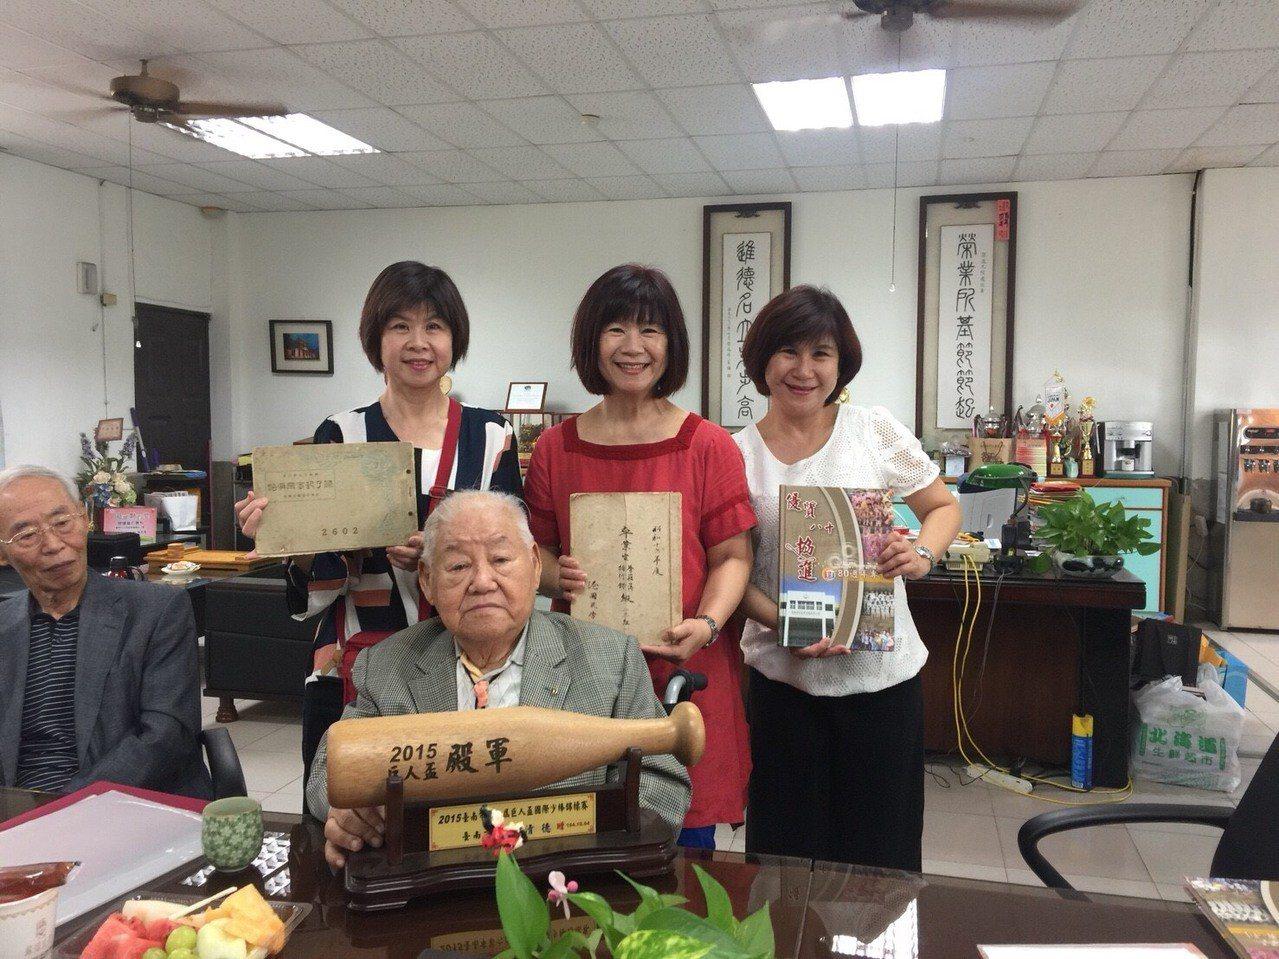 台南協進國小校友吳友仁(中)在家人陪同下到母校參觀。圖/協進提供